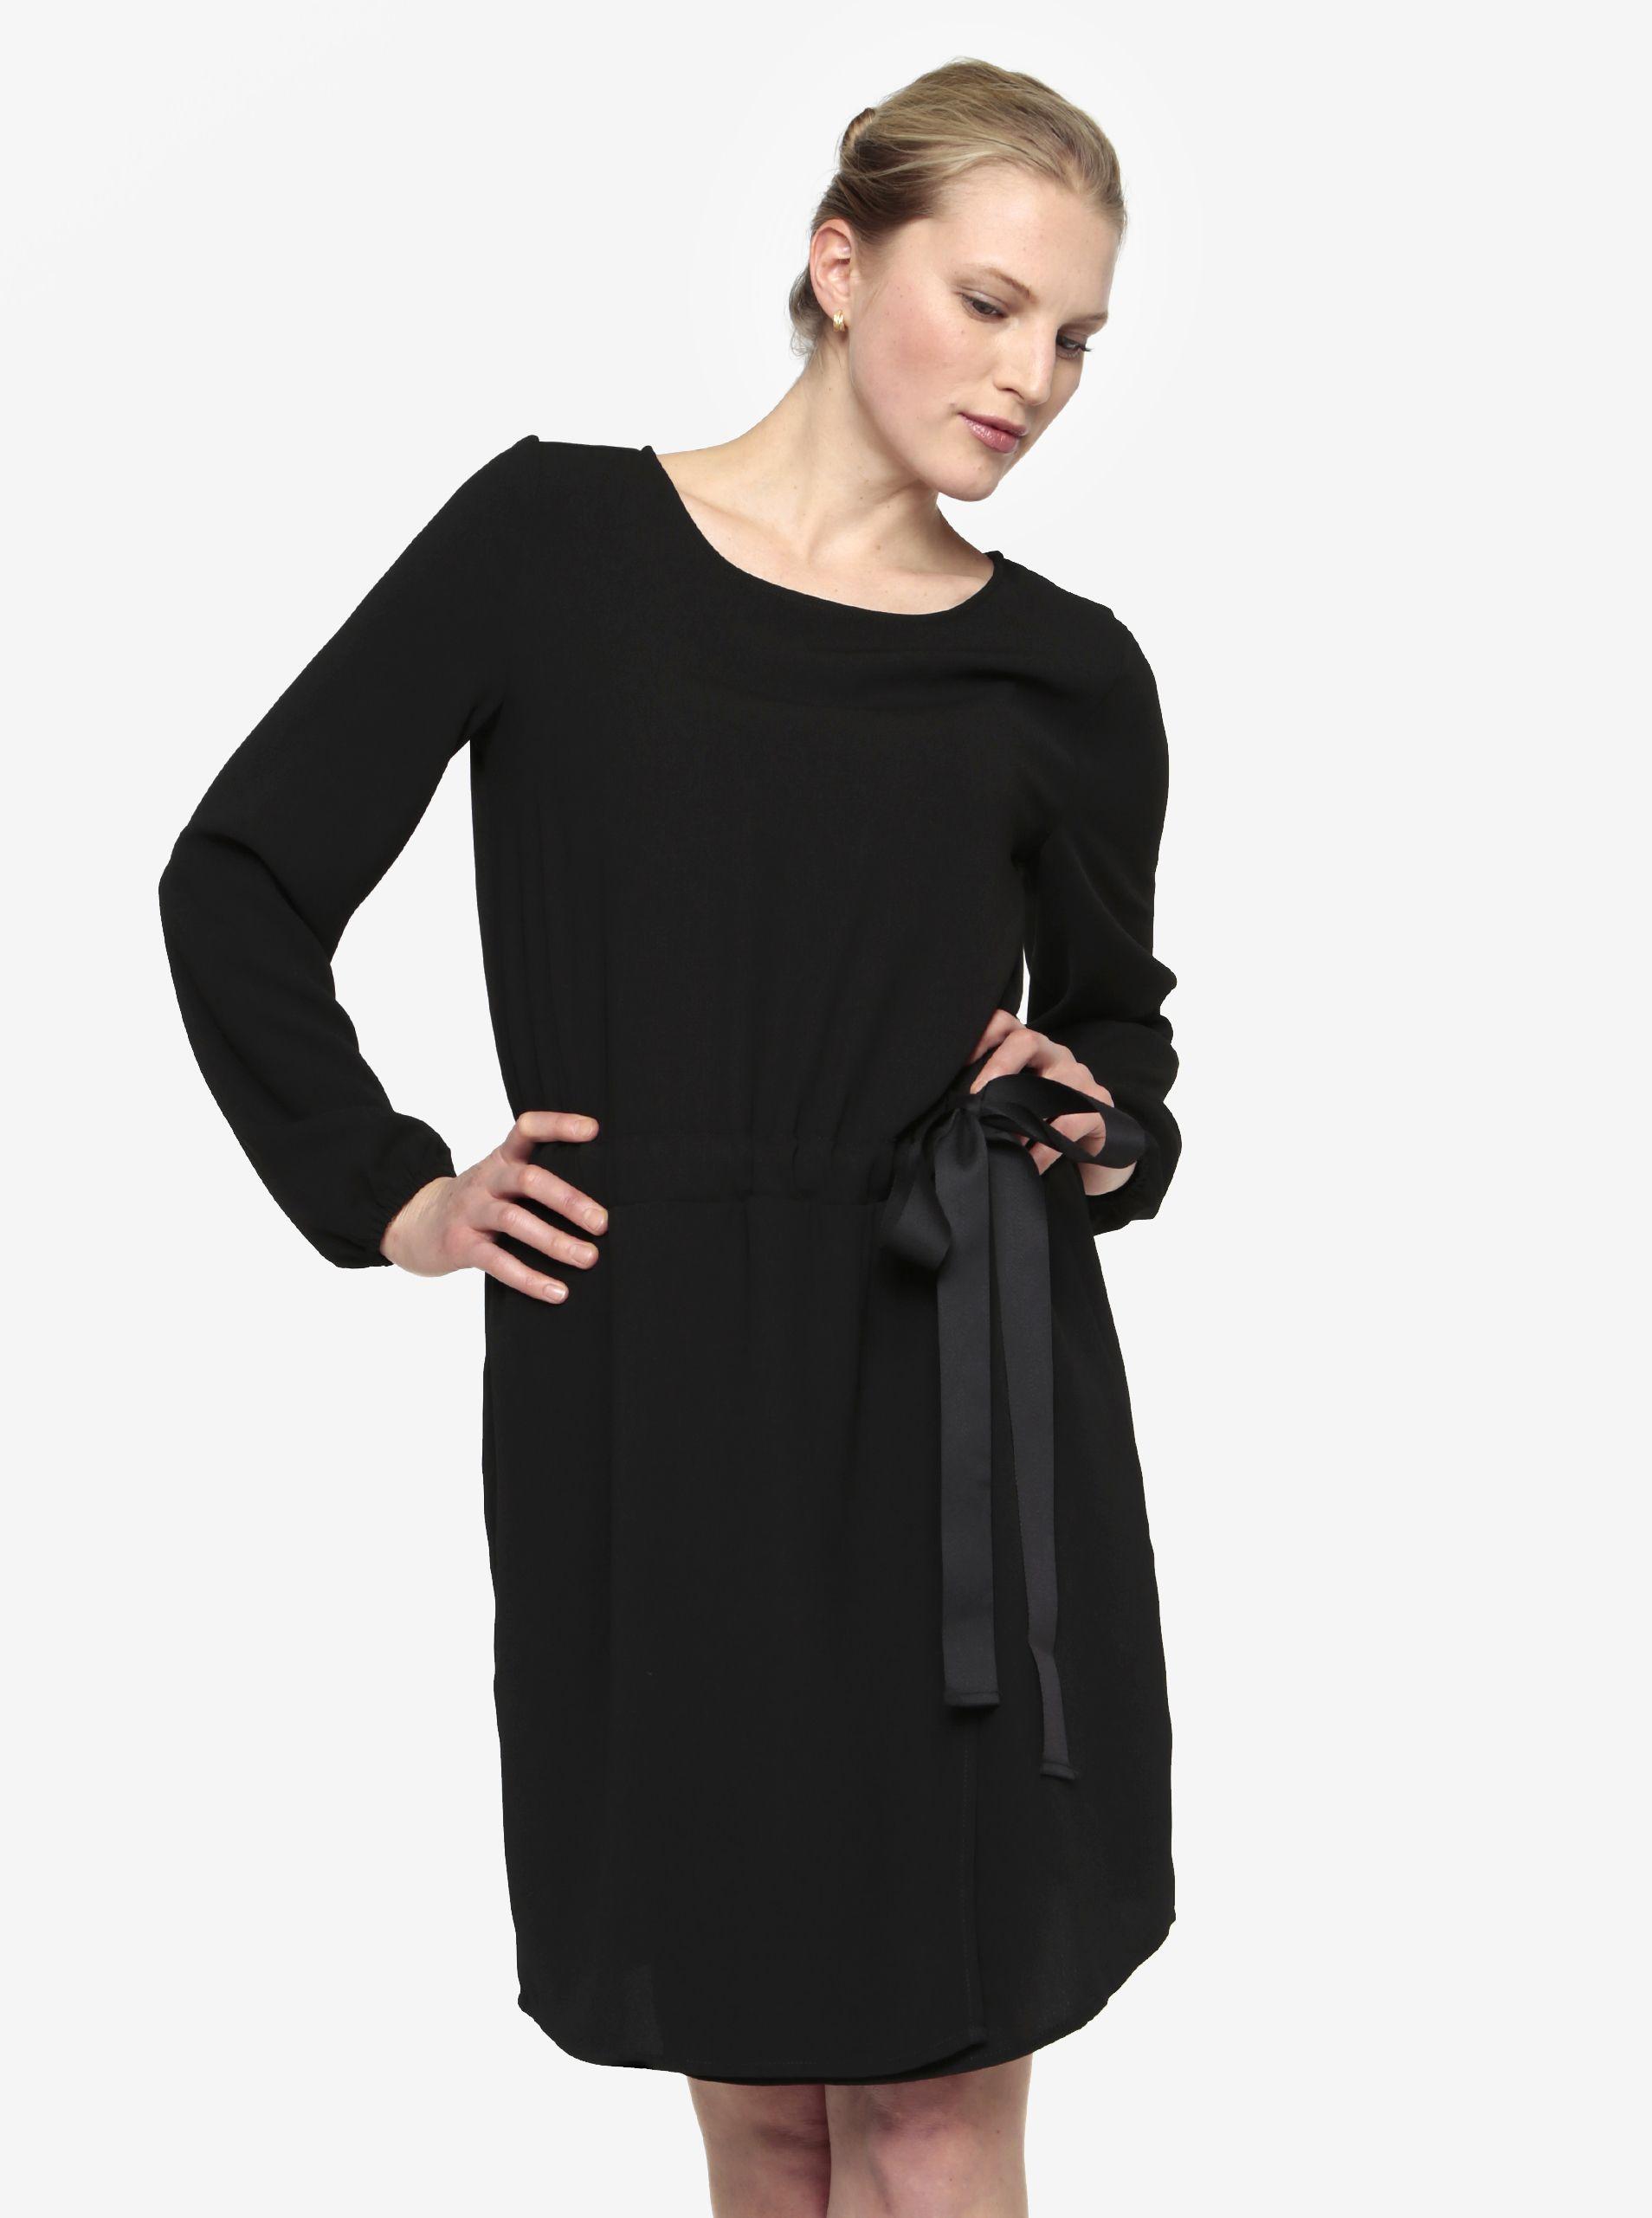 Krásne šaty na krásne dni. Typ  rovné šaty s dlhým rukávom 81a0af729a2